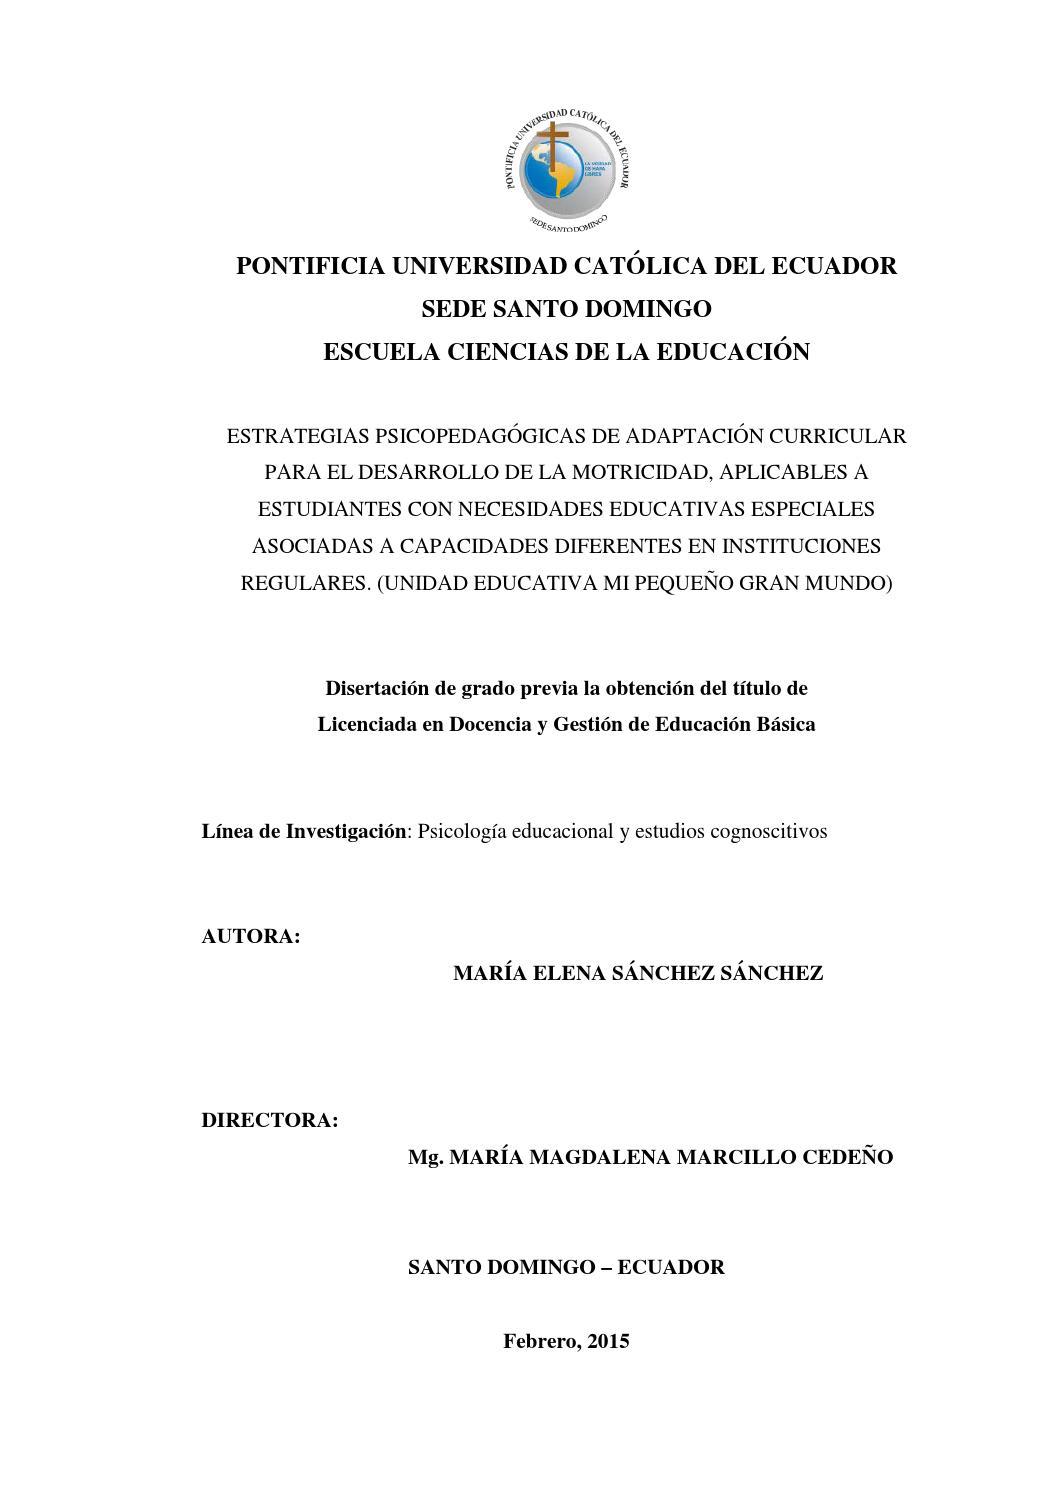 Estrategias psicopedagógicas de adaptación curricular para el ...